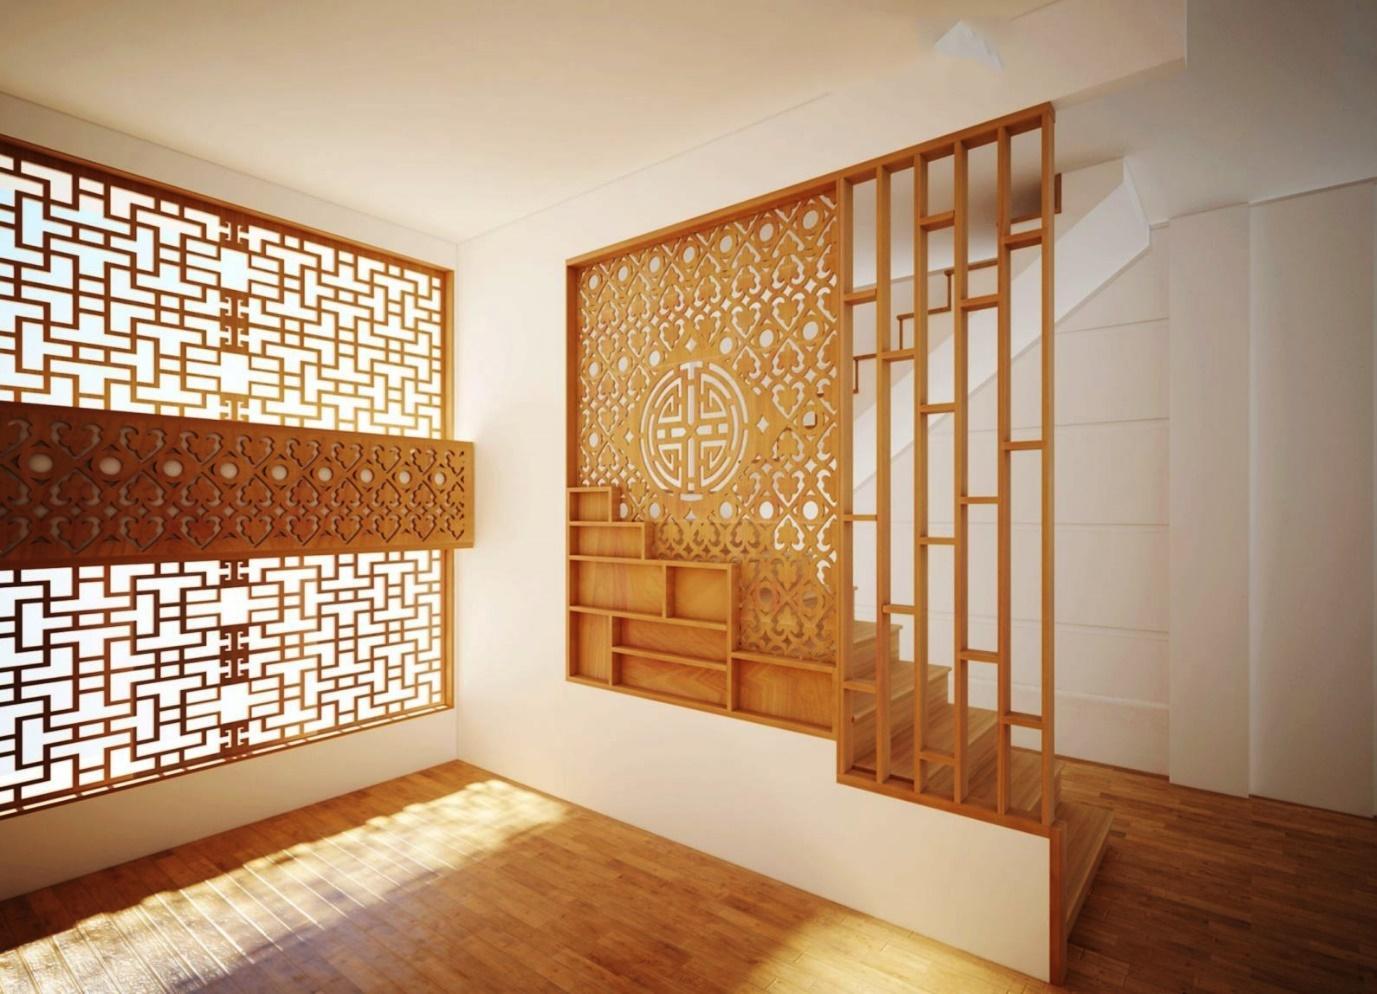 Vách ngăn gỗ tự nhiên để chia phòng khách và cầu thang